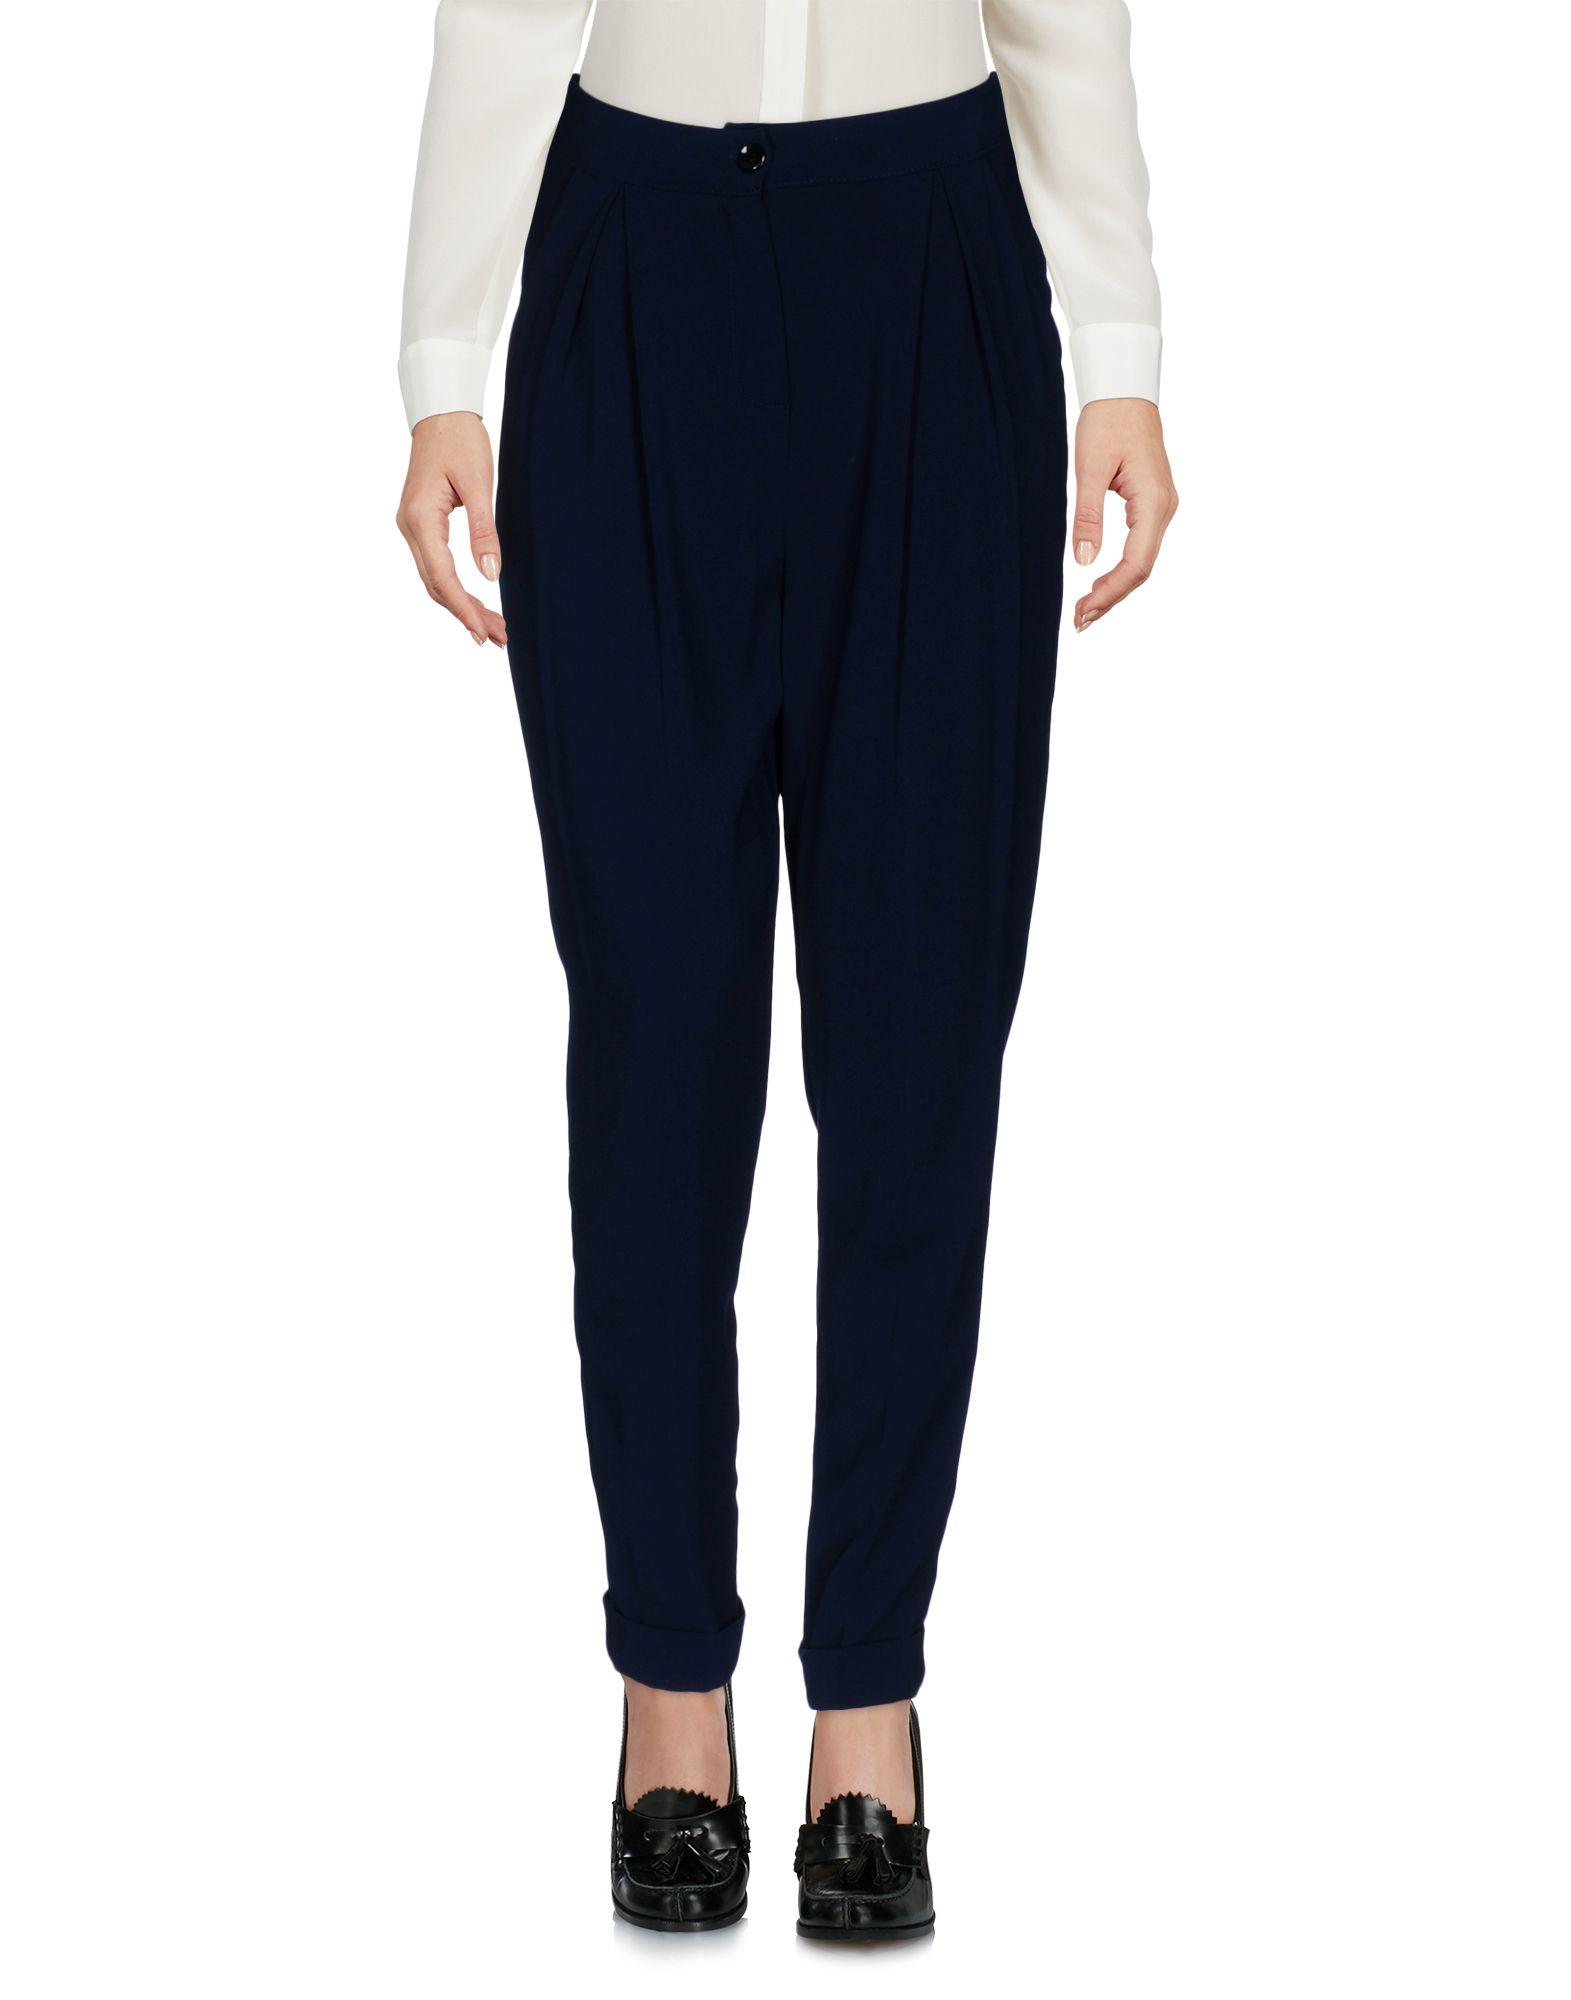 MISS MISS by VALENTINA Повседневные брюки цены онлайн